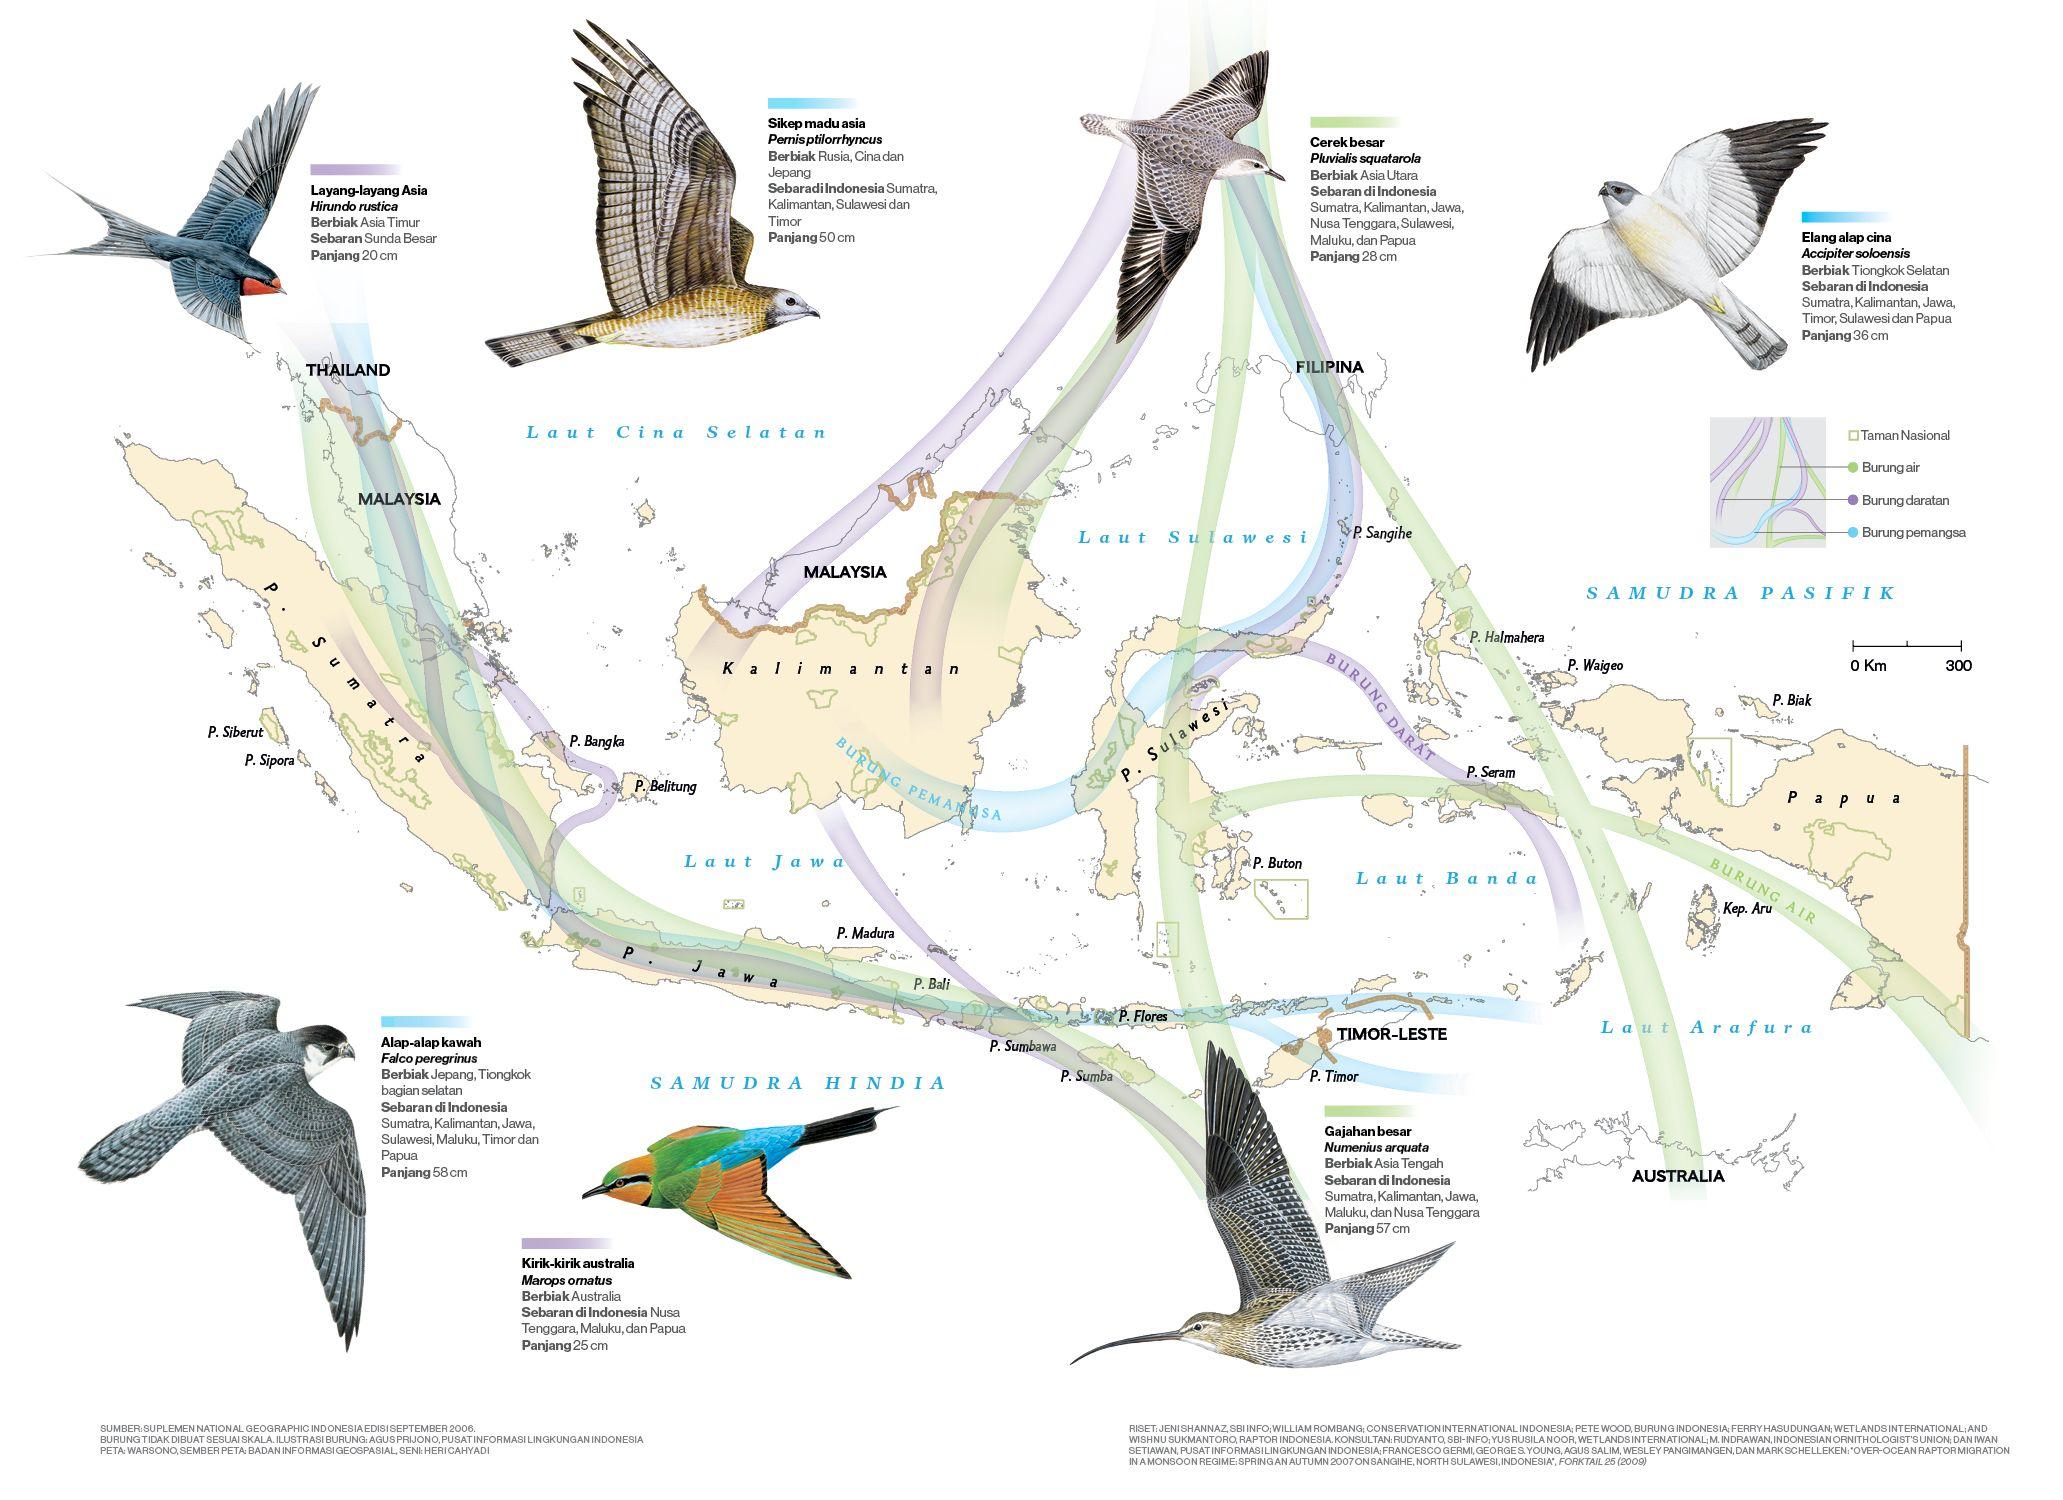 Sebaran jalur migrasi burung di Indonesia